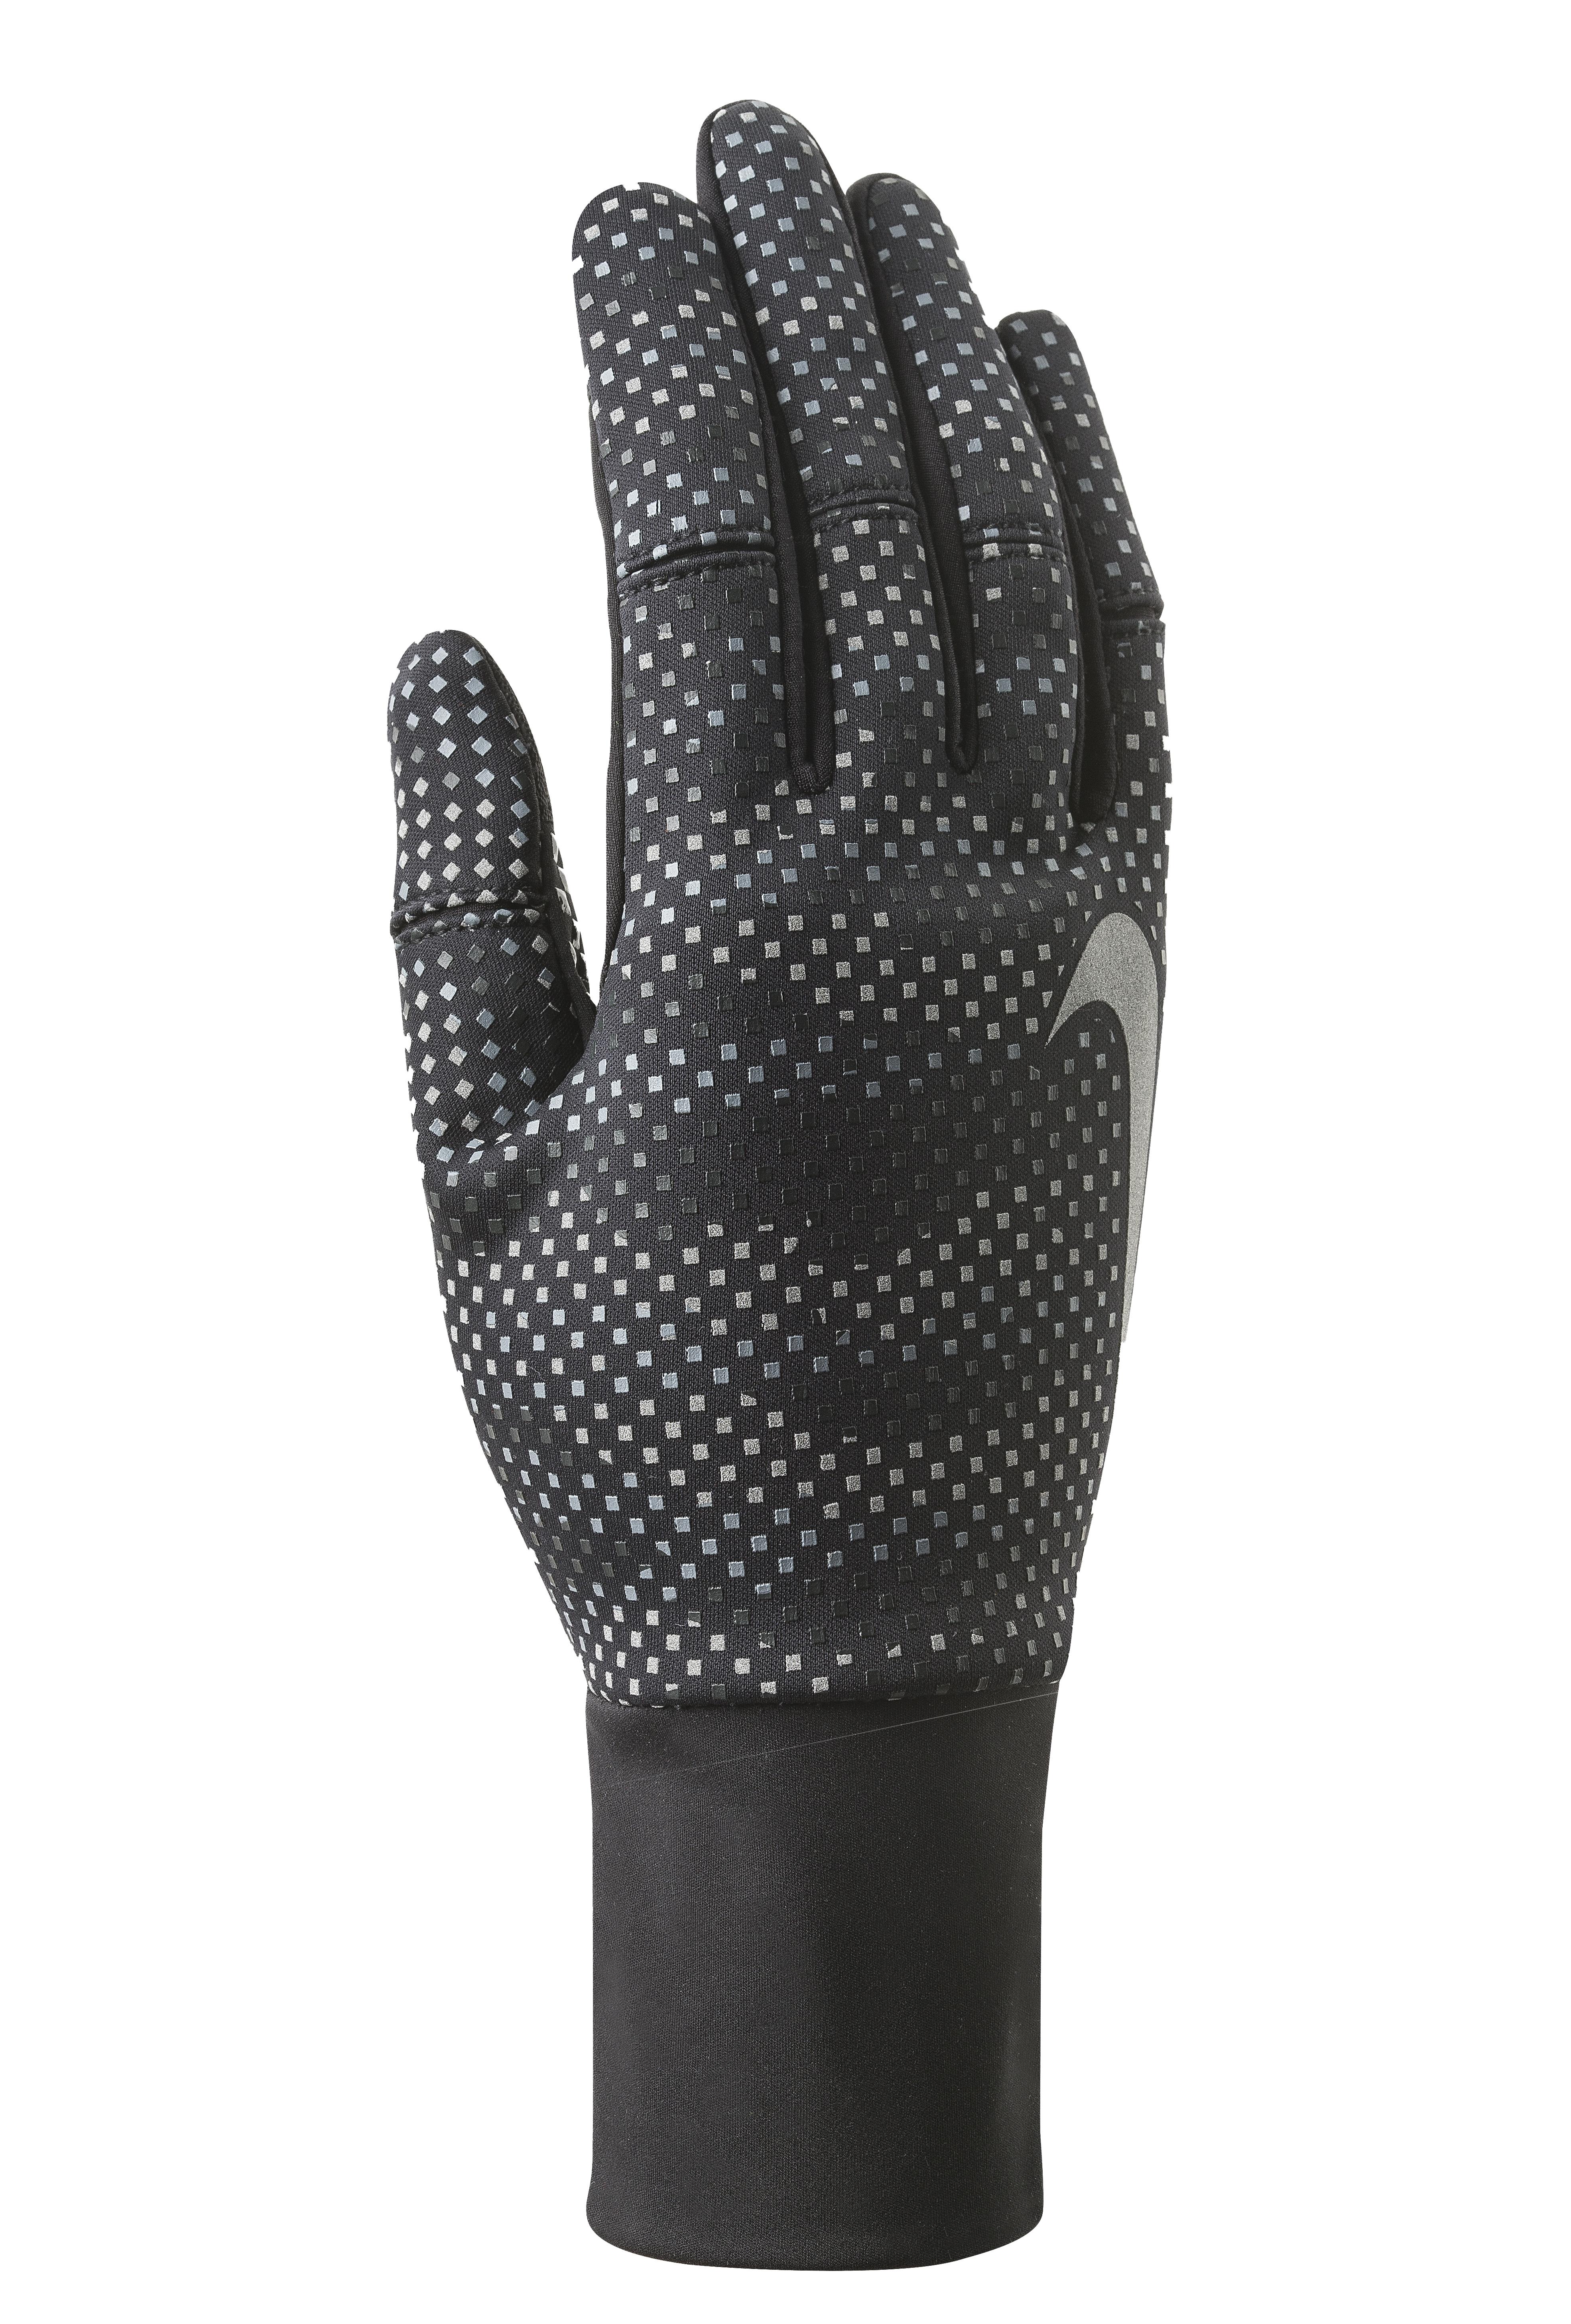 Nike Vapor Flash 2.0 Run Gloves - Women s 16f3e55adb